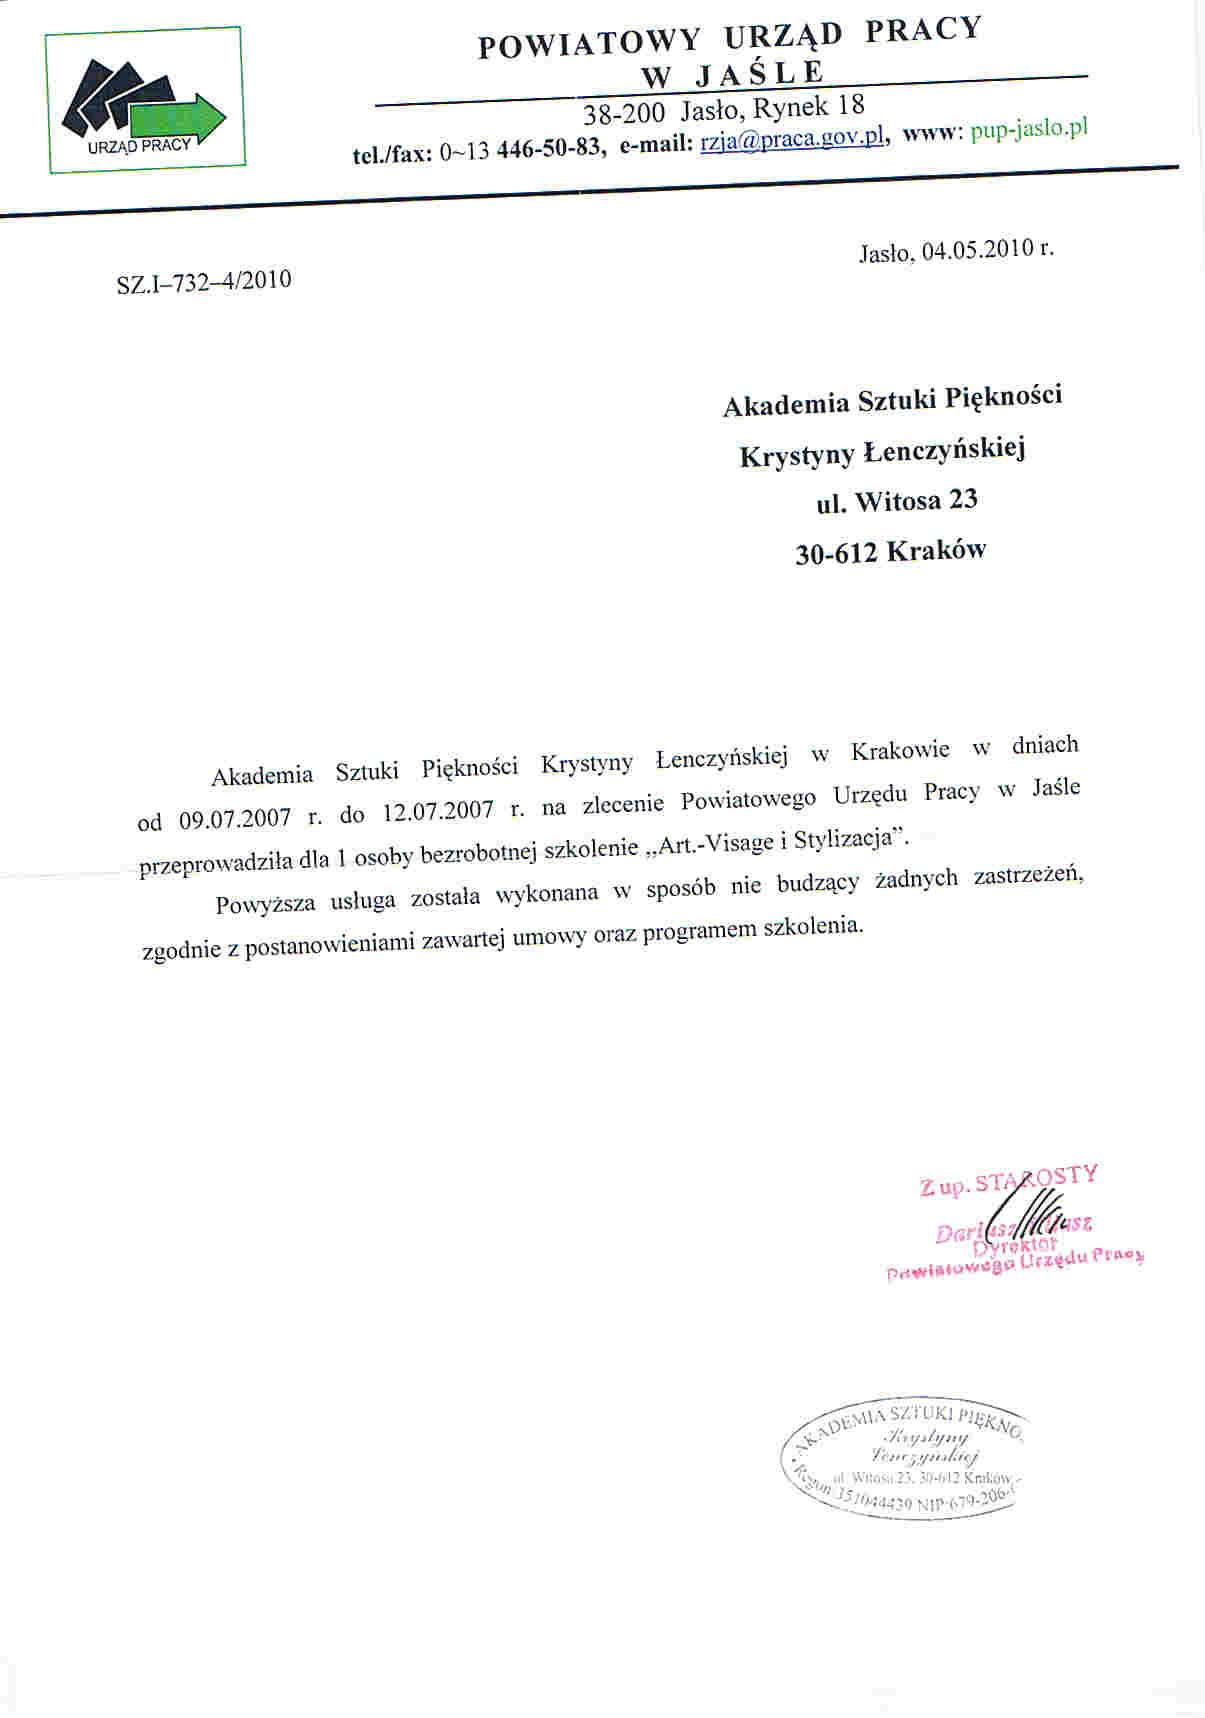 Powiatowy Urząd Pracy w Jaśle-Jasło